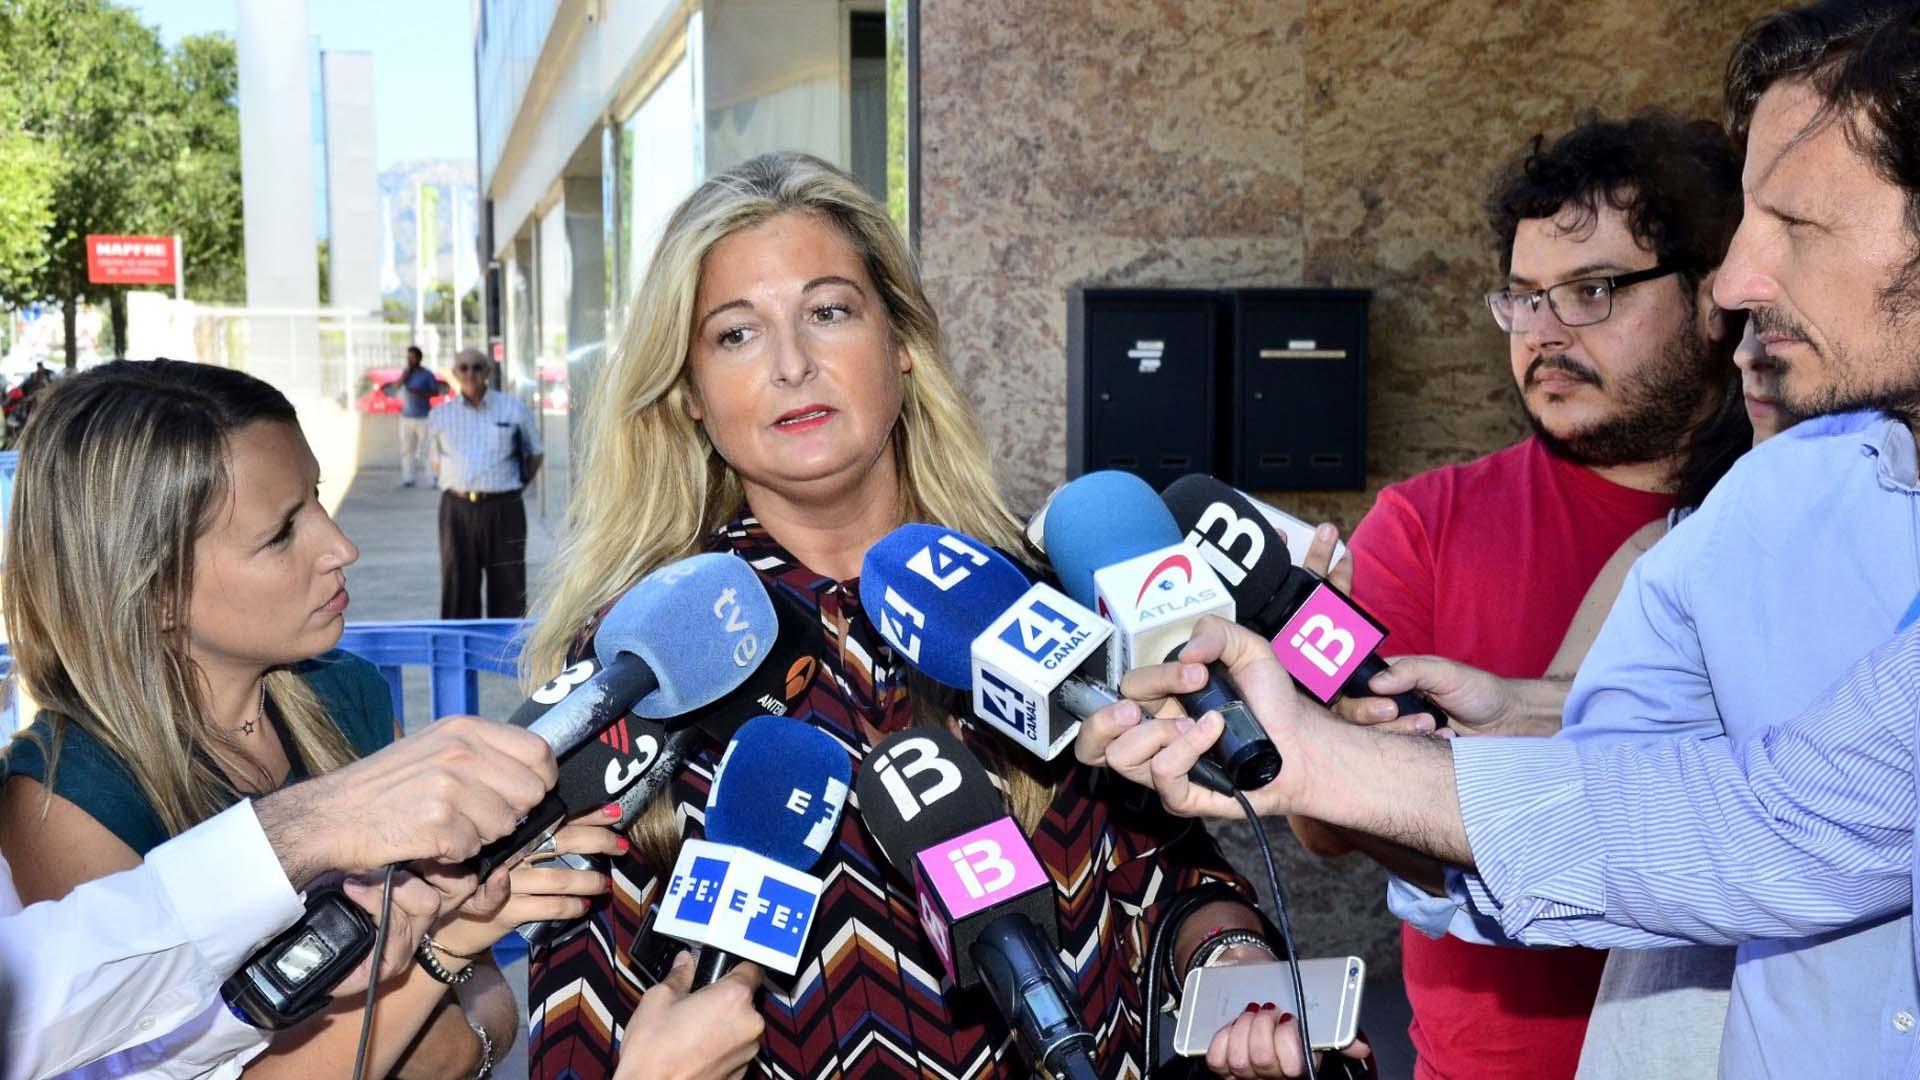 La Audiencia Nacional citó a López Negrete por su vinculación con la presunta red de extorsión de la organización Manos Limpias